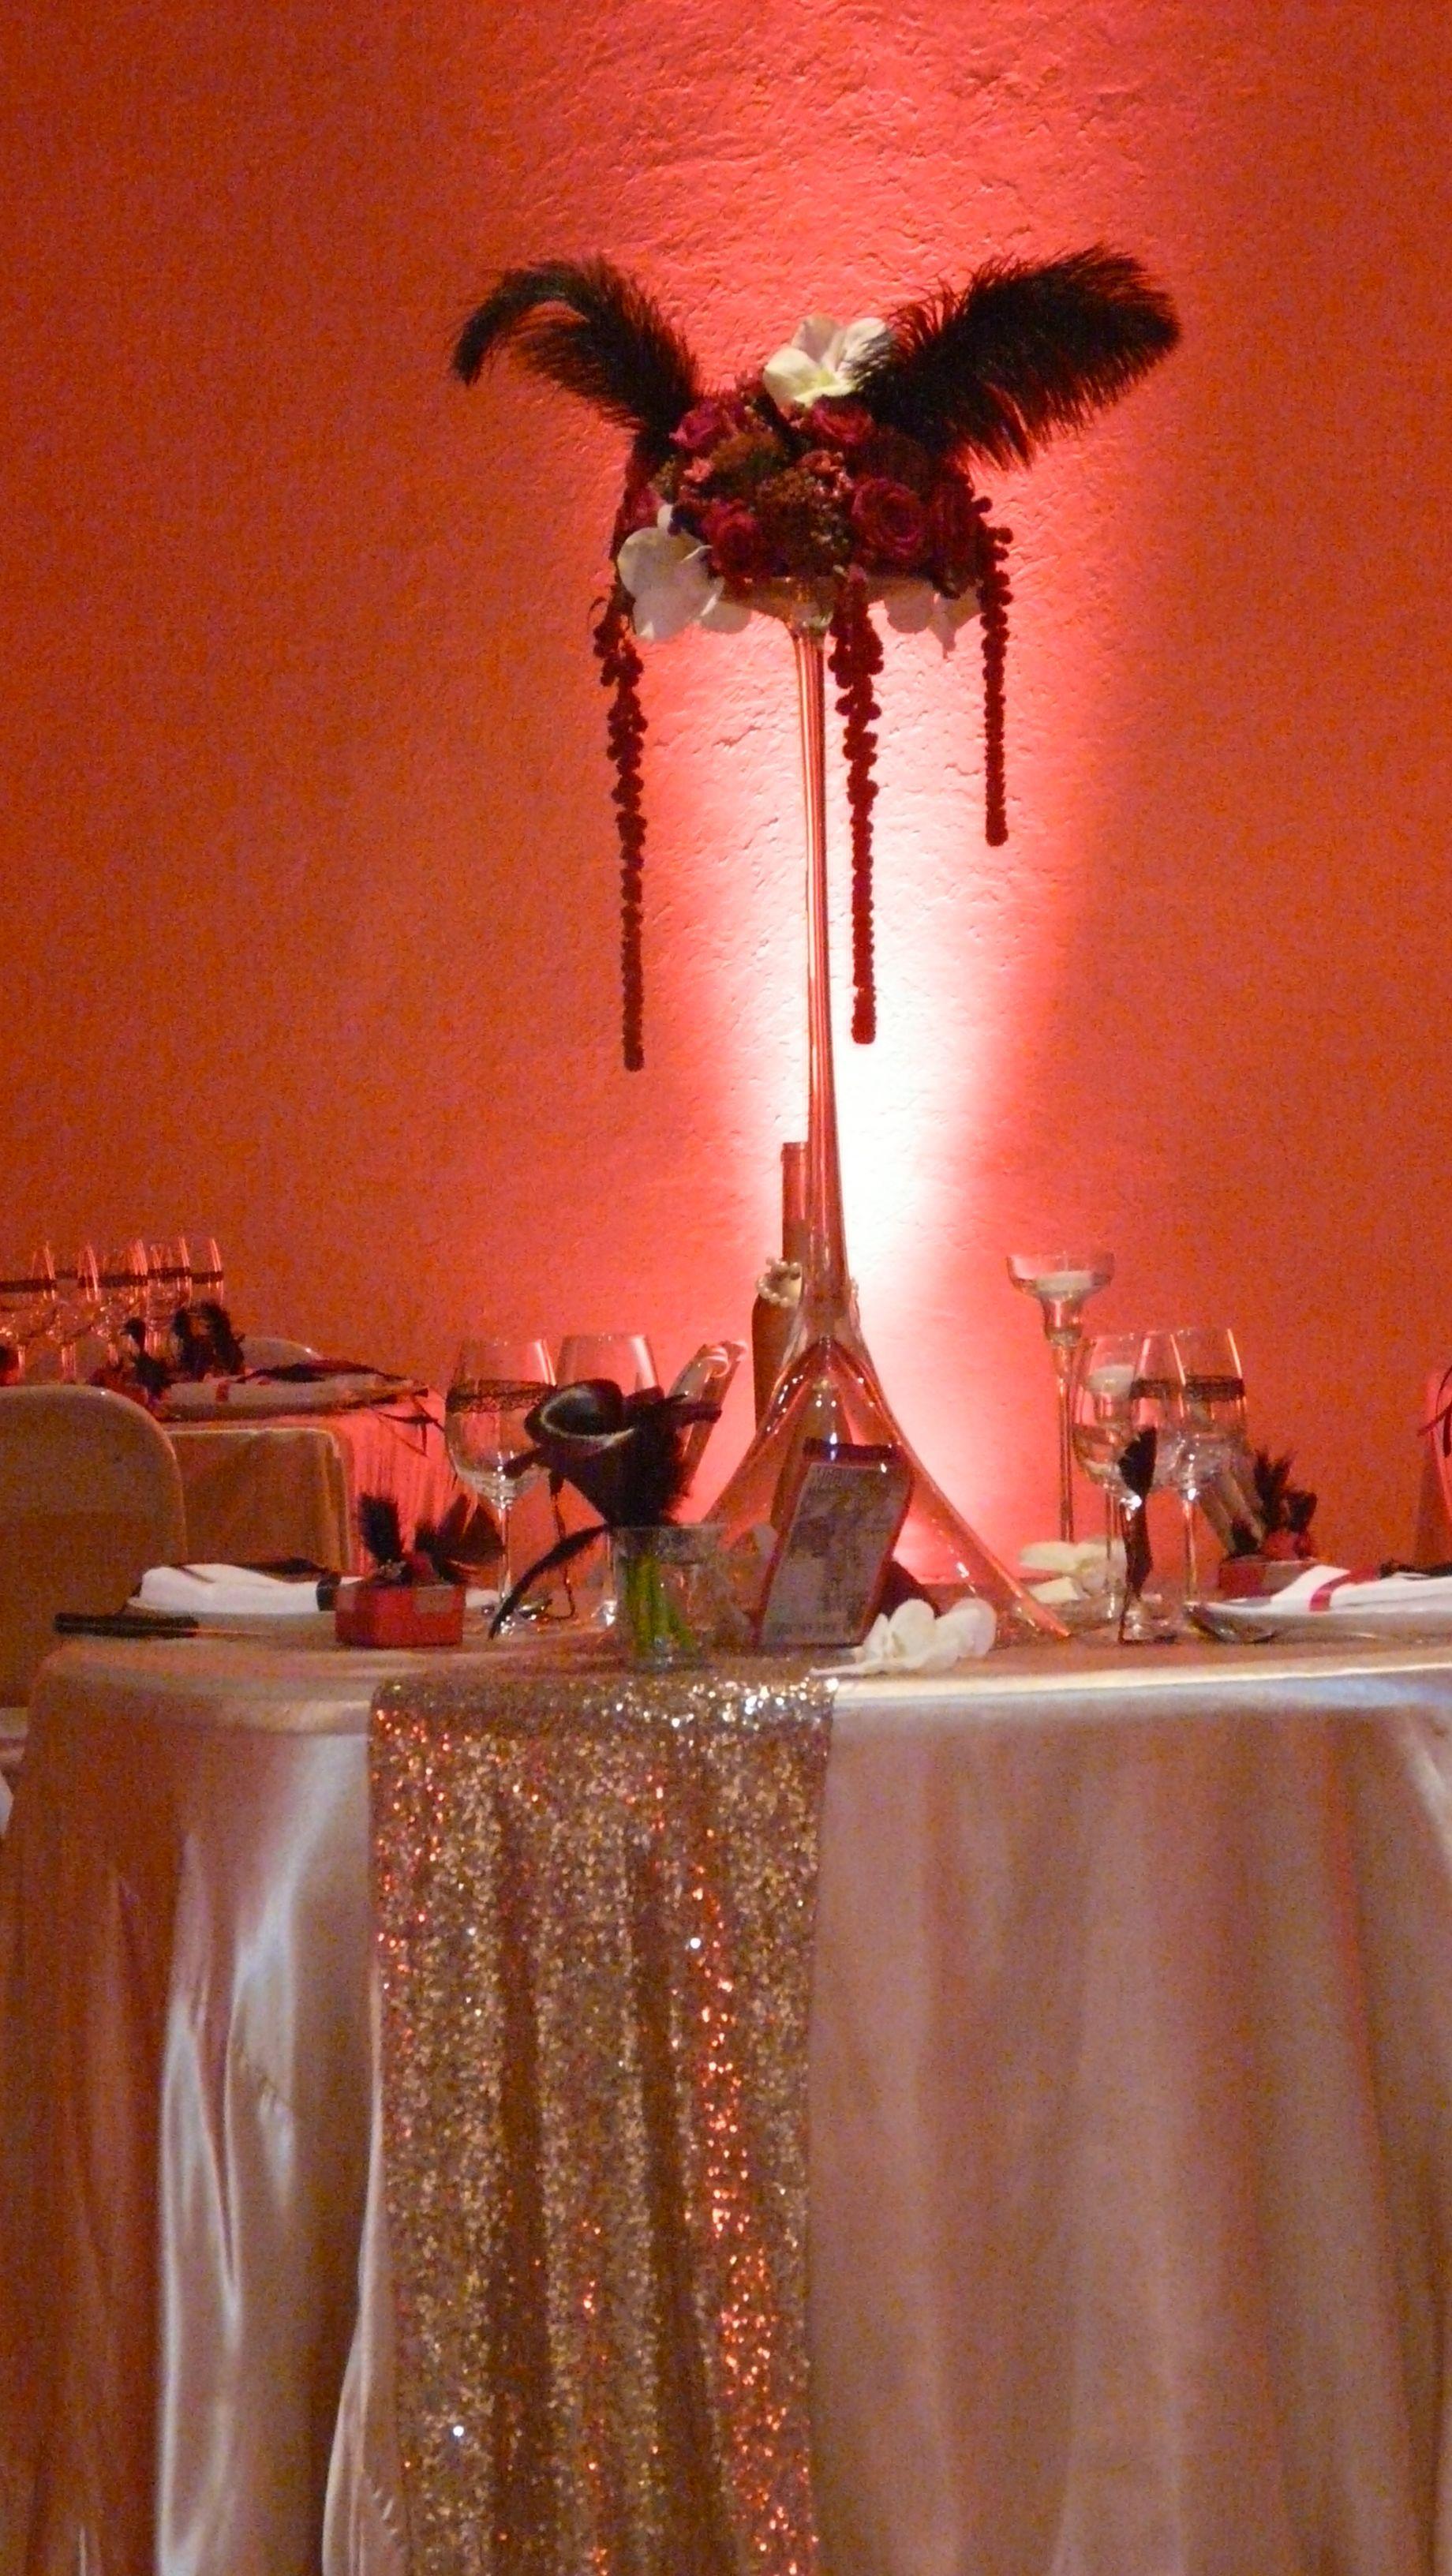 cabaret / wedding décor réalisé par : nuits célestes mariage wedding